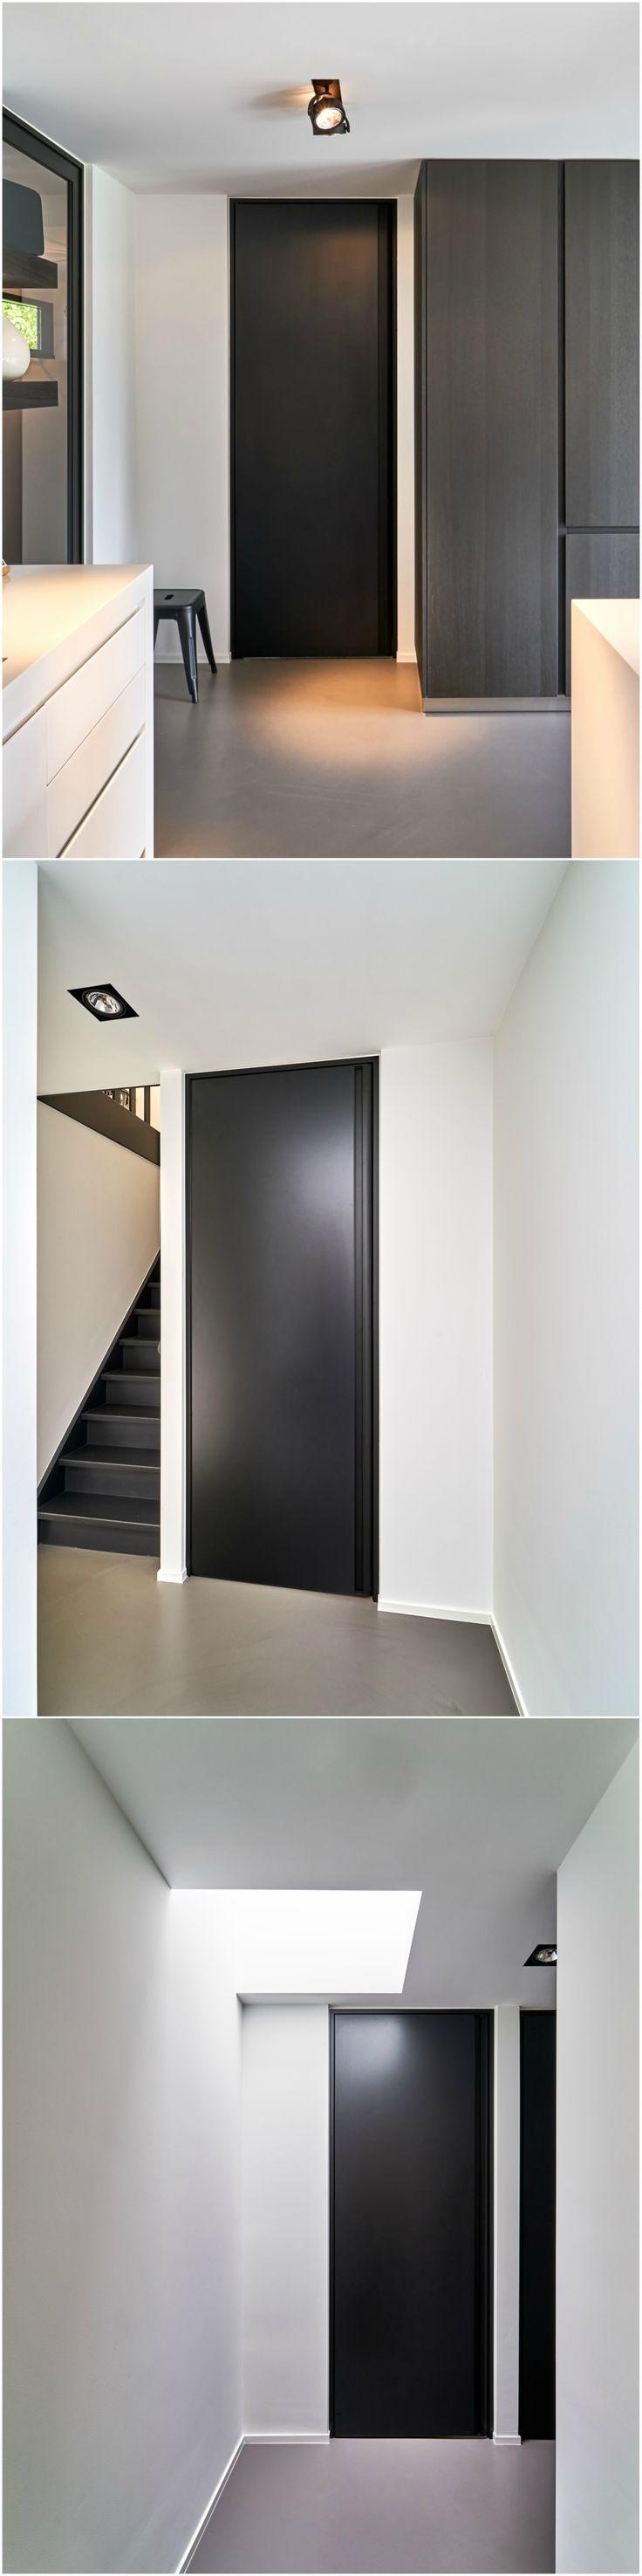 Zwarte deur kamerhoog | Op maat gemaakt met een BKO-omlijsting in zwart geanodiseerd aluminium en een verticale handgreep in hetzelfde aluminium voor een greeploos design. Het deurpaneel zelf is afgewerkt met Resopal Massiv, een slagvast, krasvast en onderhoudsvriendelijk materiaal.